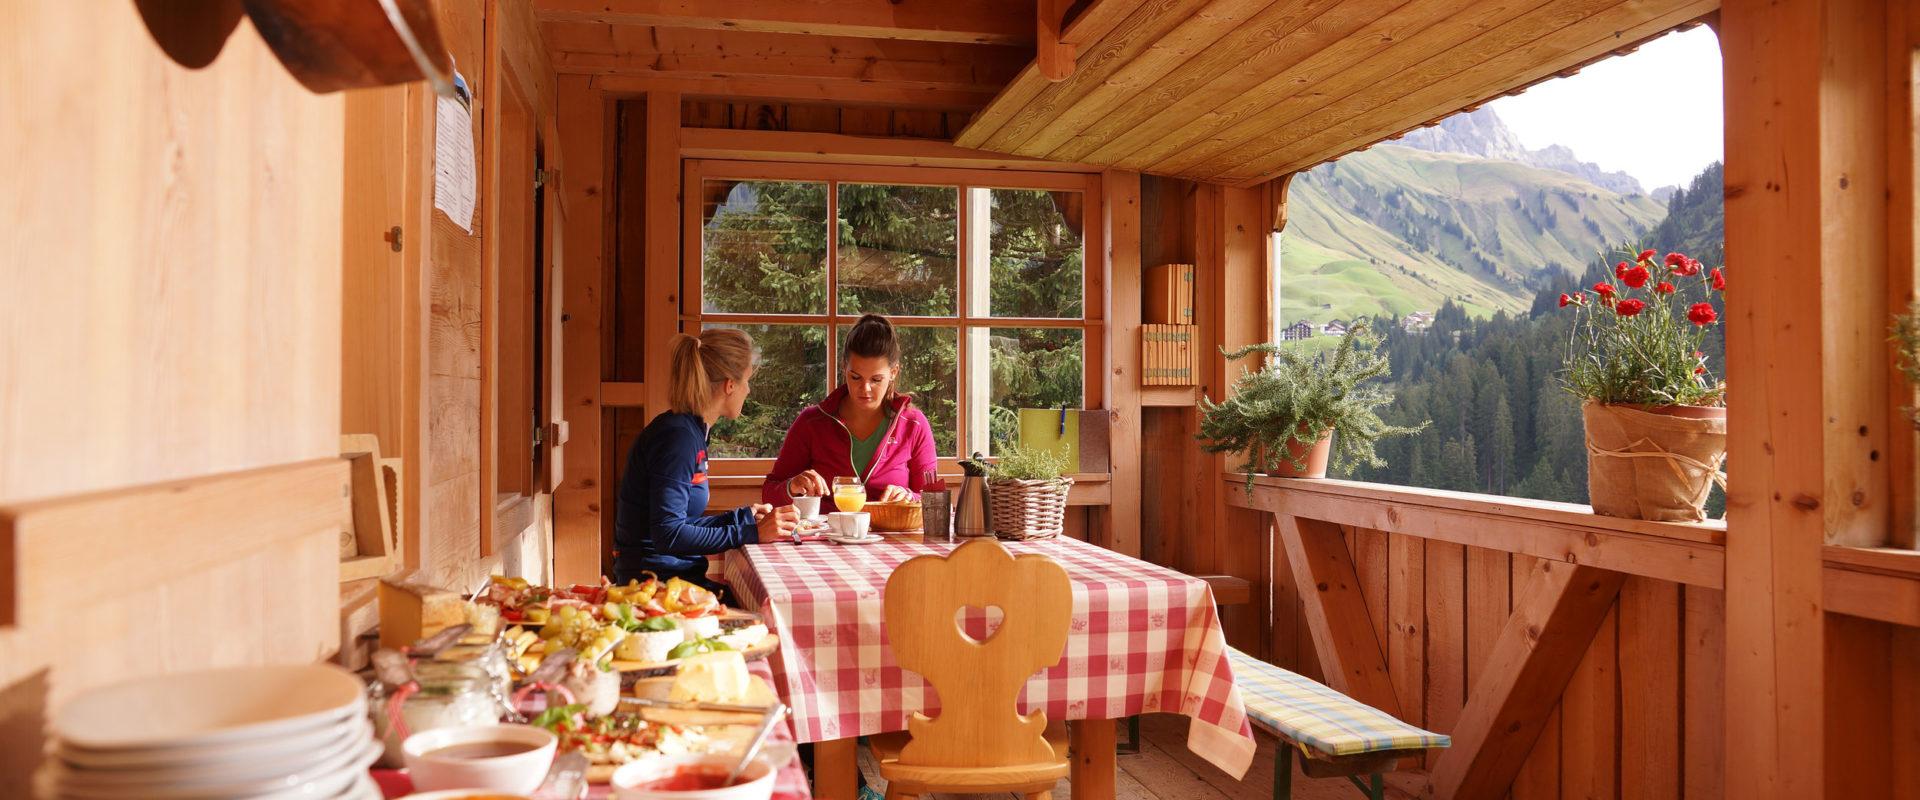 Kulinarisch Wandern - Schroecken © Ludwig Berchtold / Bregenzerwald Tourismus